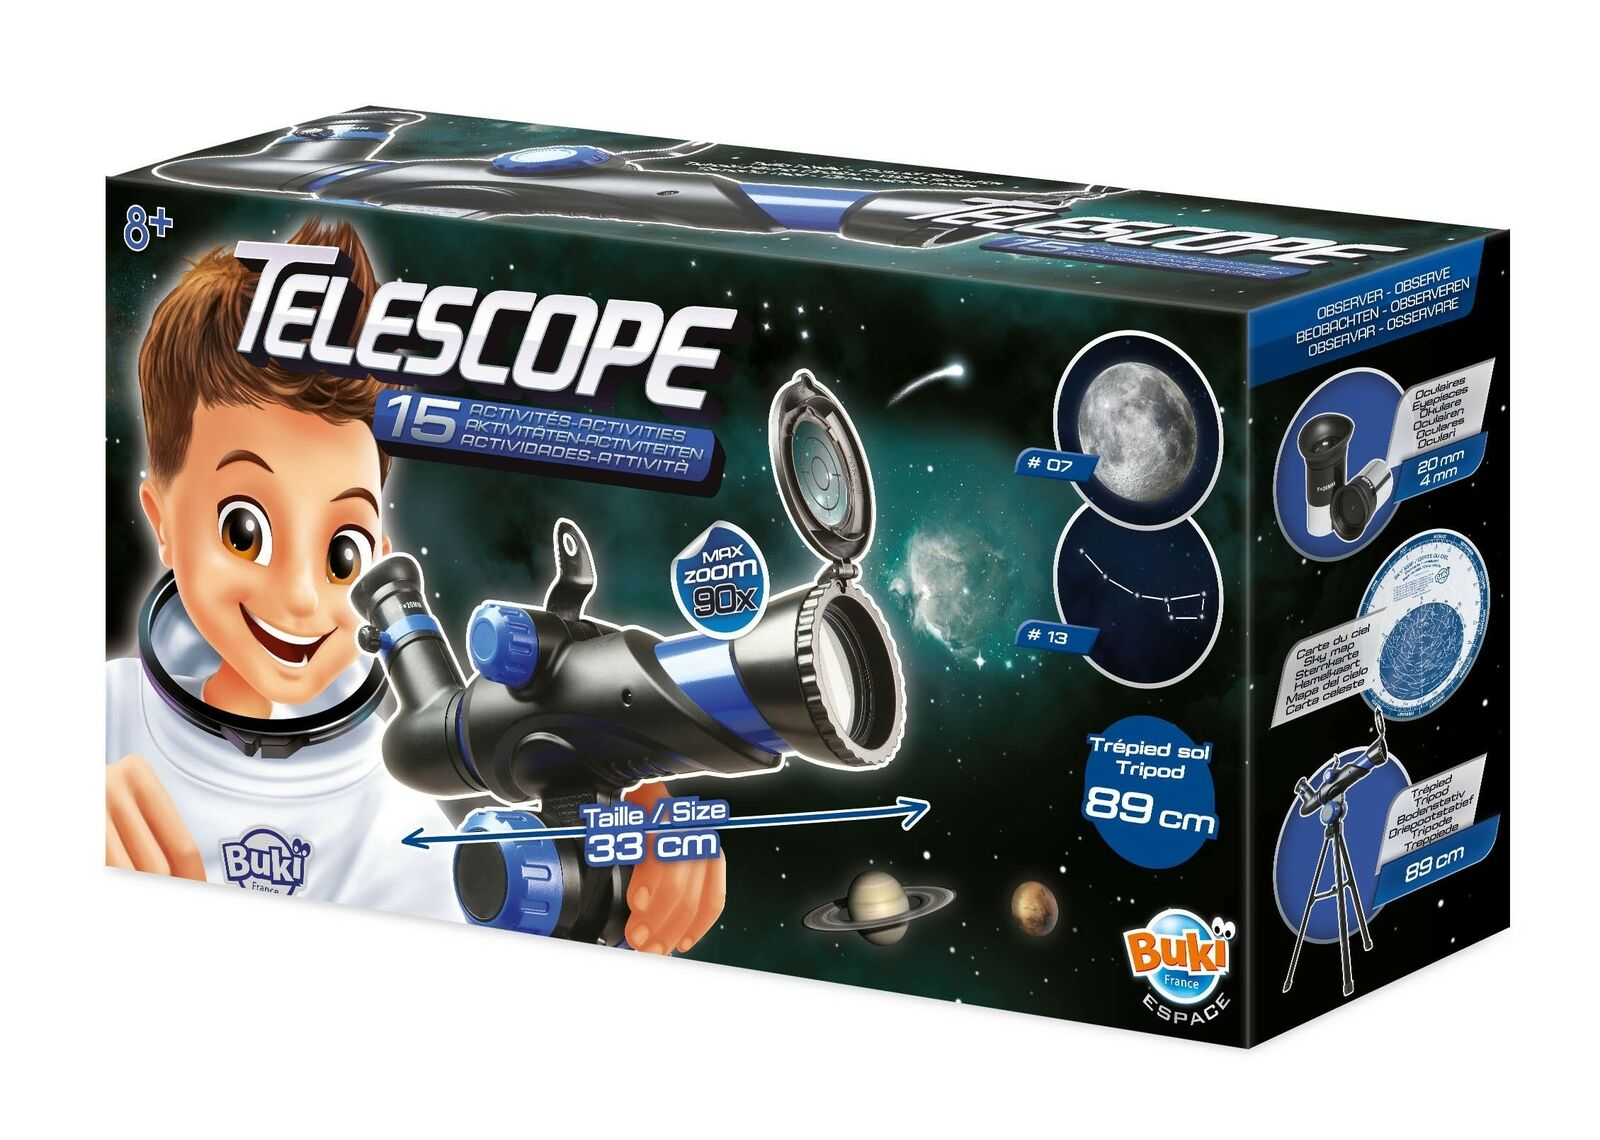 Telescopio 15 Attività